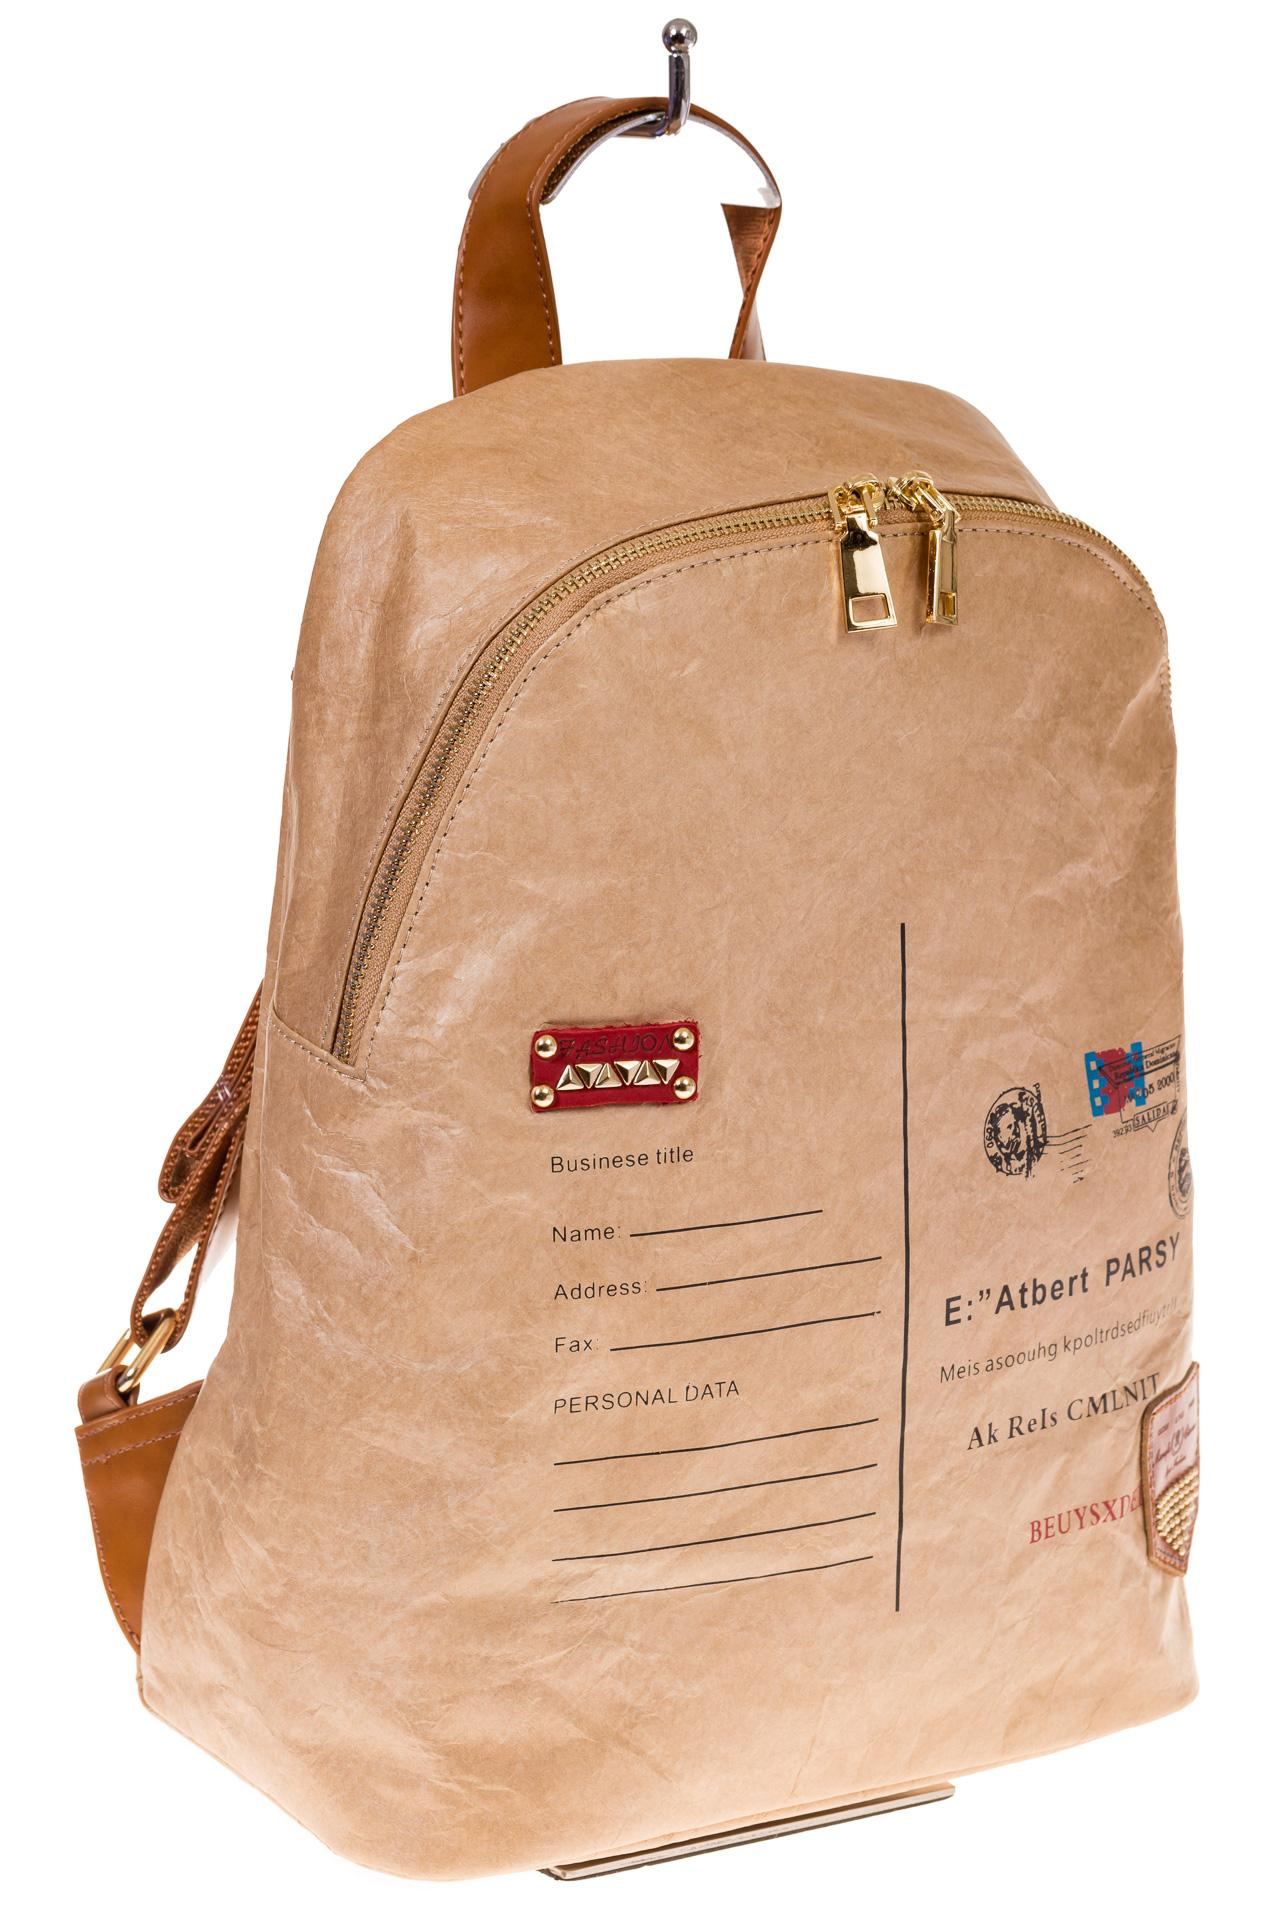 На фото кремовый эко рюкзак для женщин из материала Tyvek, оптом